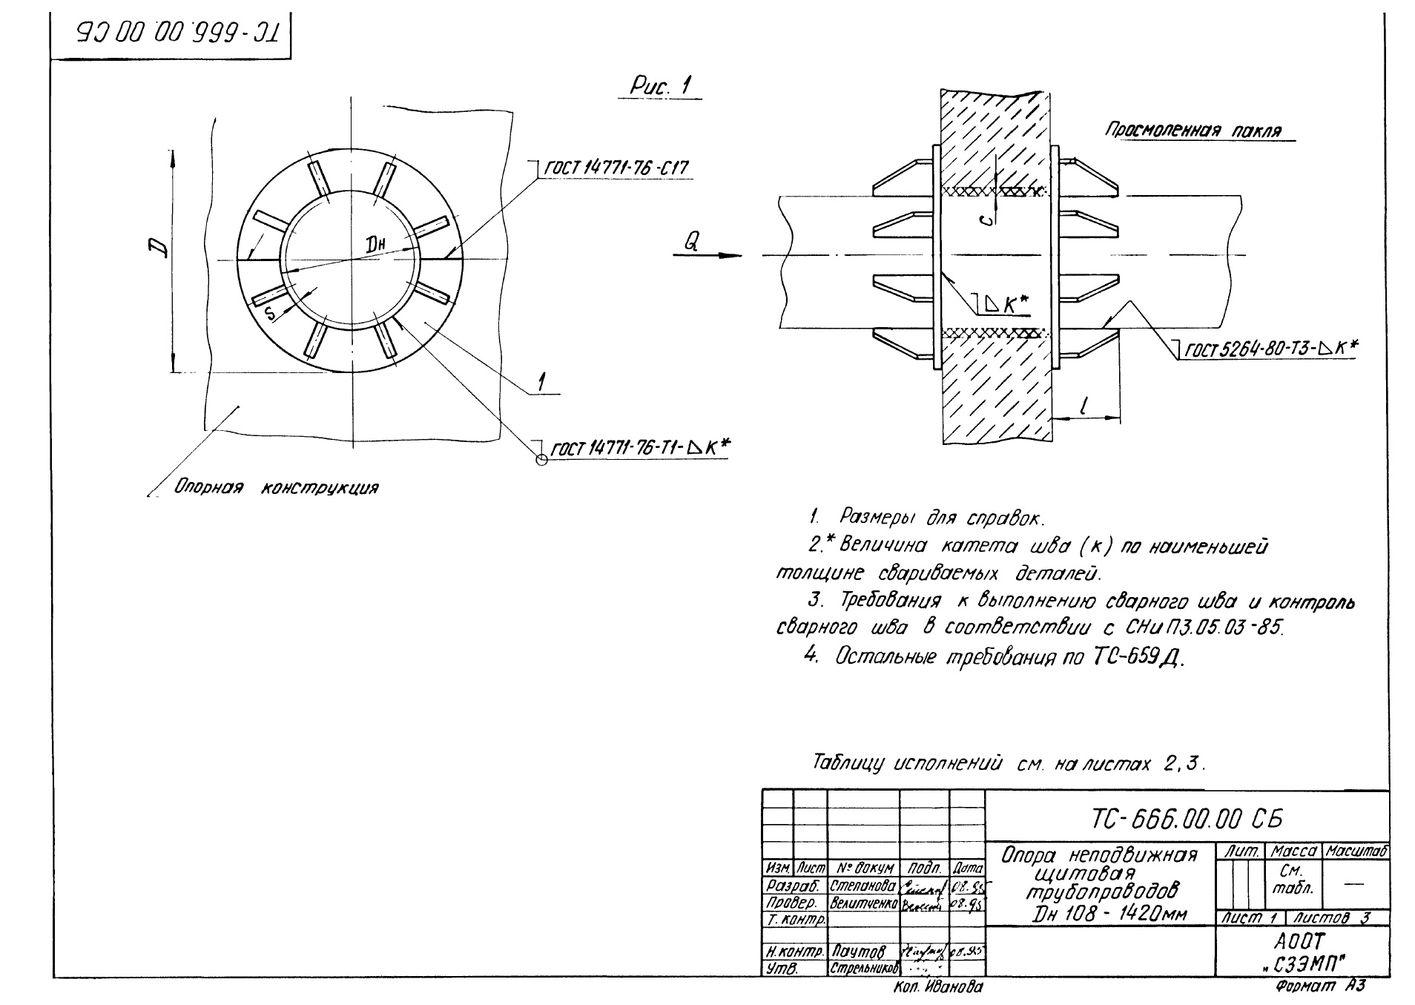 Опора неподвижная щитовая ТС-666.00.00 СБ серия 5.903-13 выпуск 7-95 стр.1